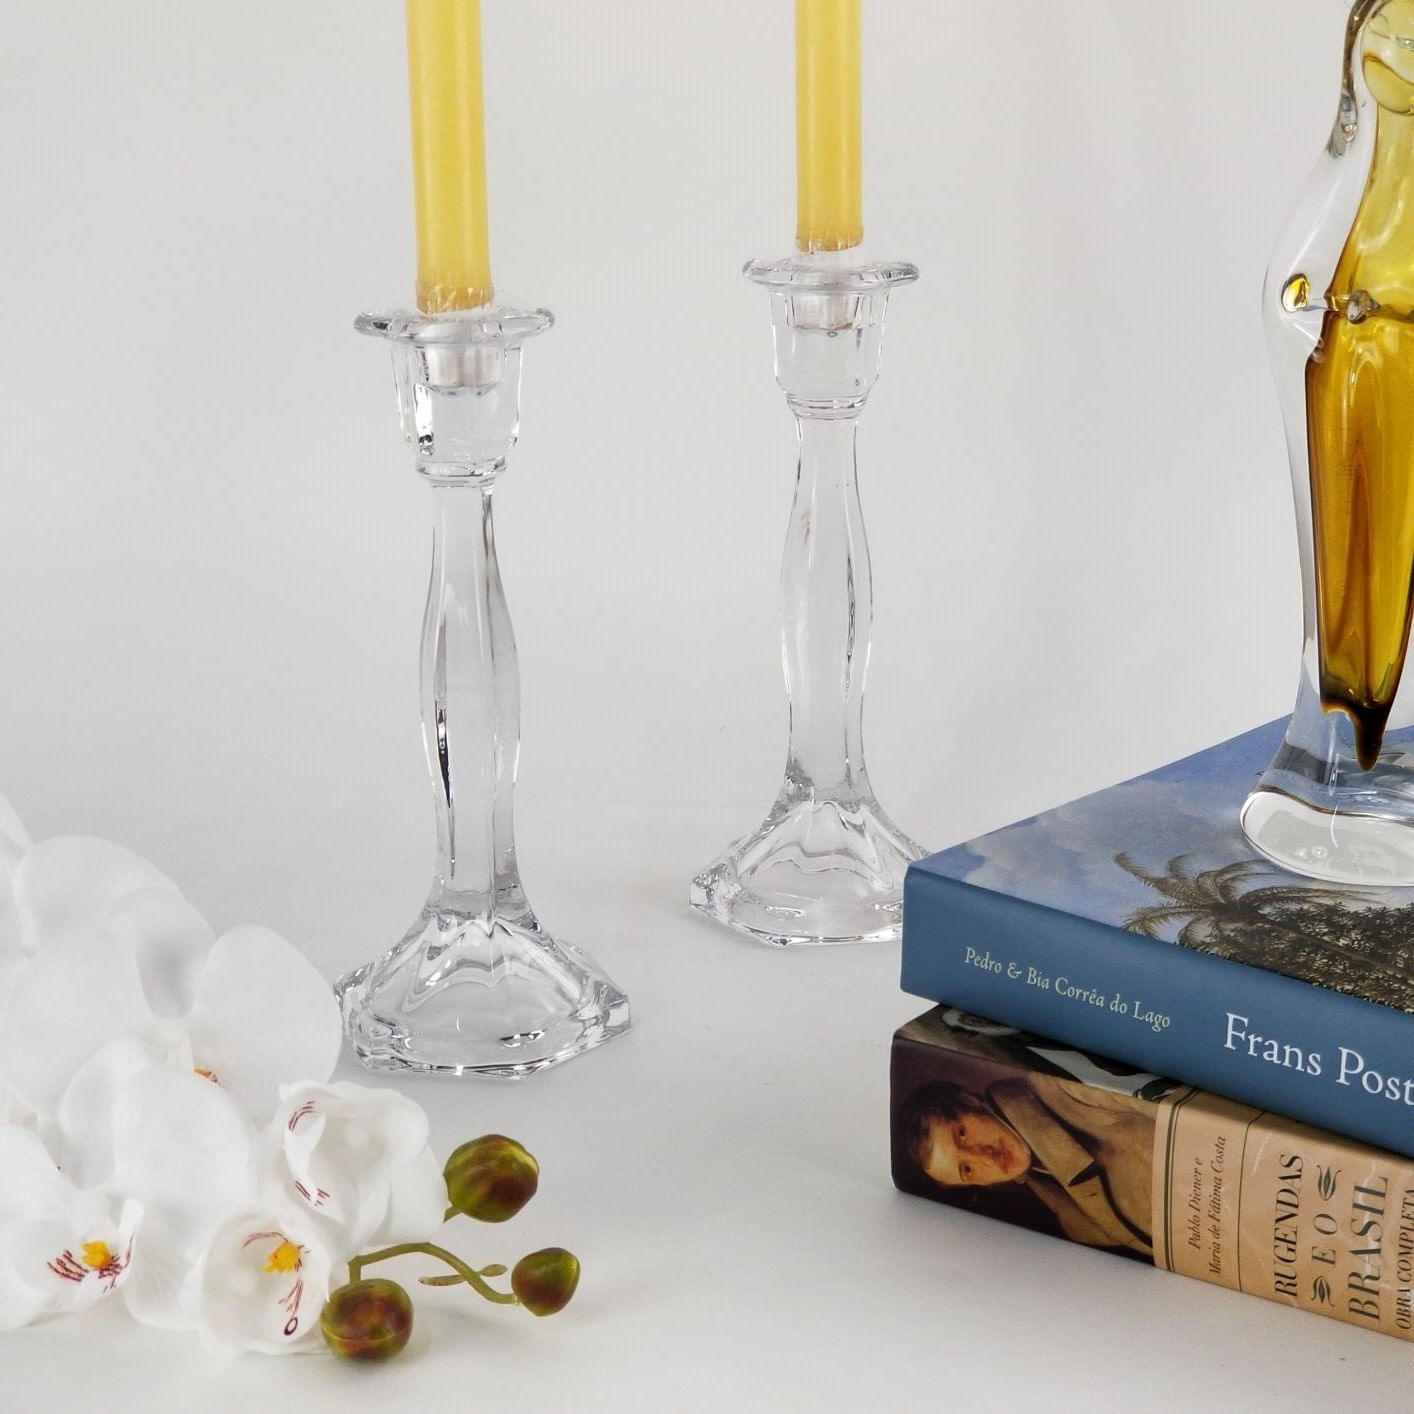 Castiçal de Cristal Transparente Objeto Decorativo Clássico